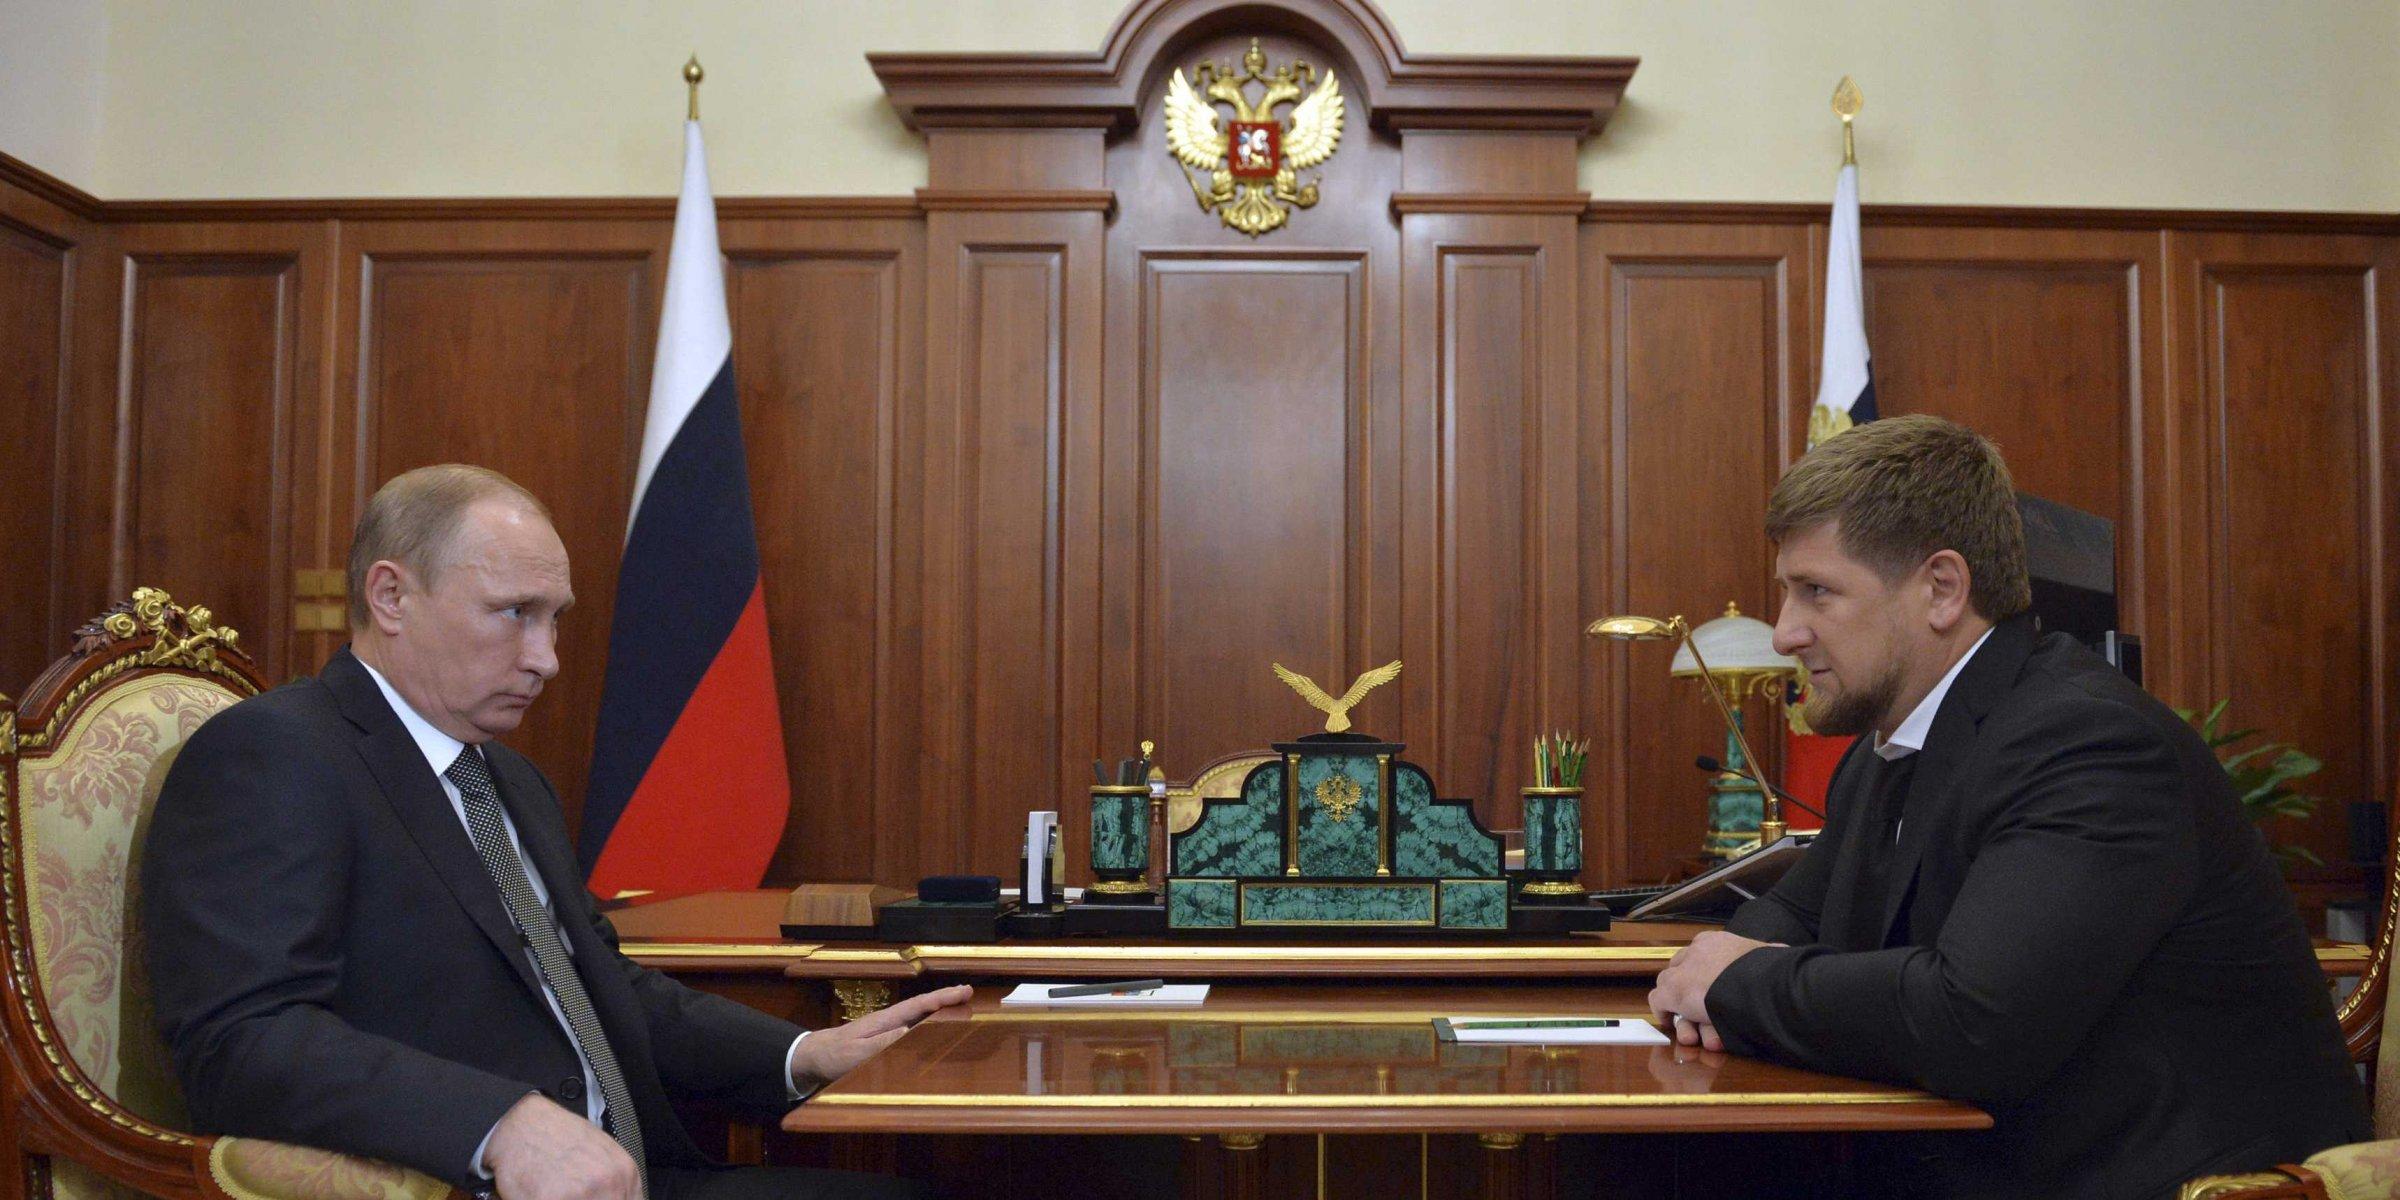 Владимир Путин и Рамзан Кадыров на встрече в Кремле. Фото: businessinsider.com